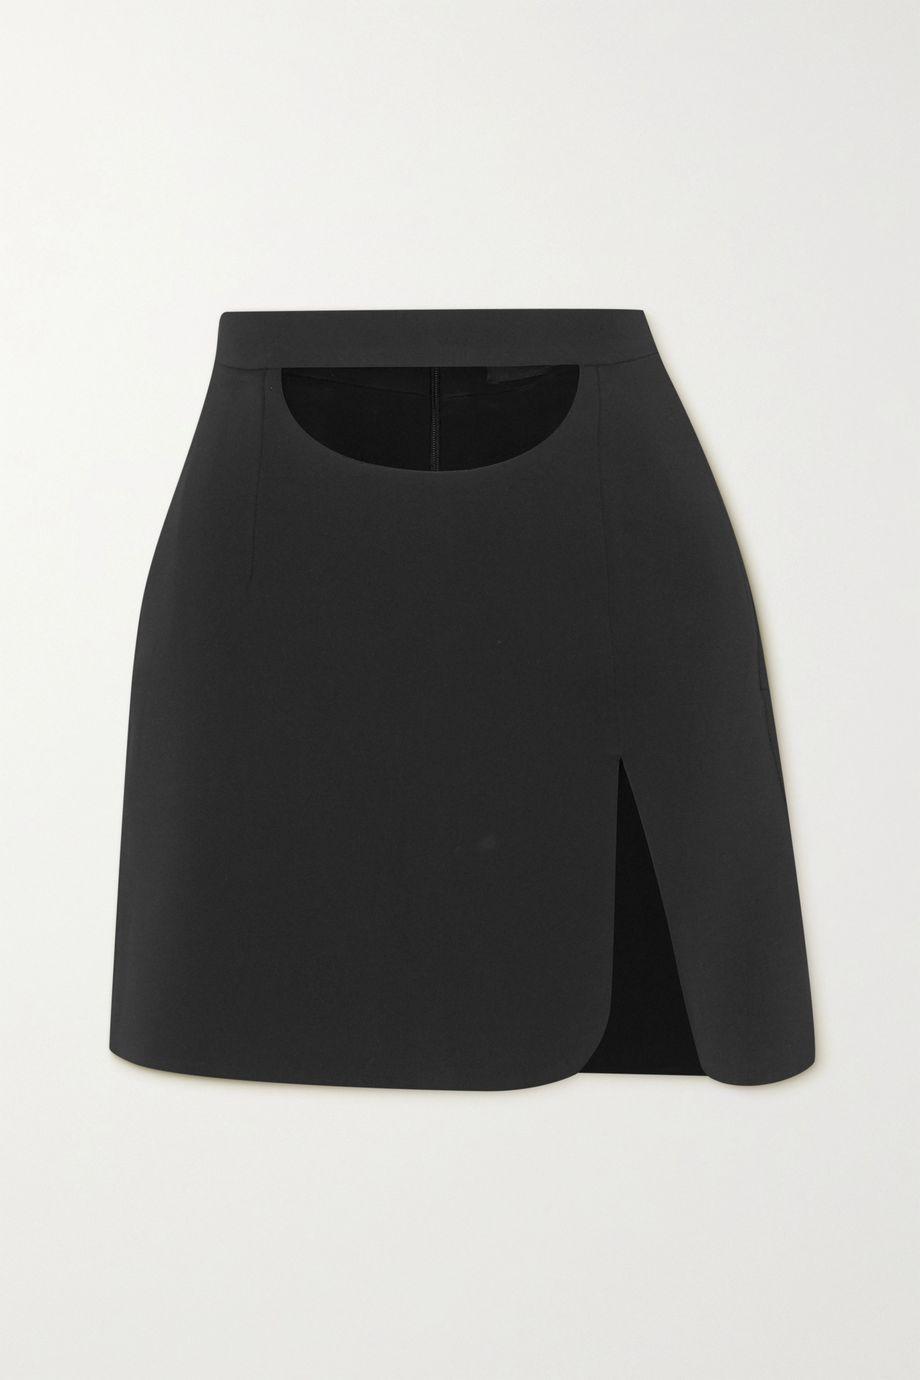 Lado Bokuchava Cutout crepe mini skirt